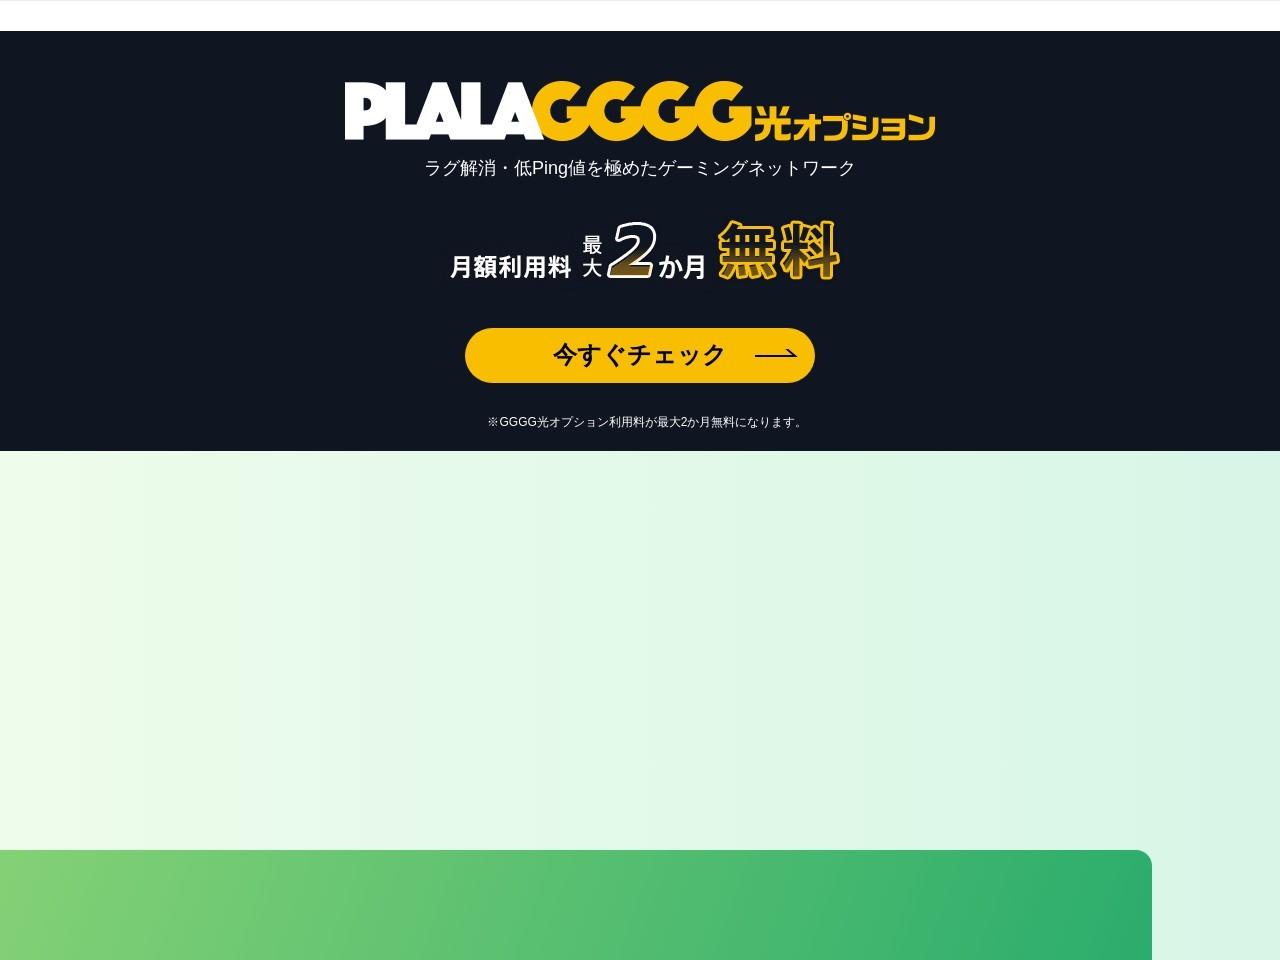 http://www12.plala.or.jp/tokachi-shizai/index.html